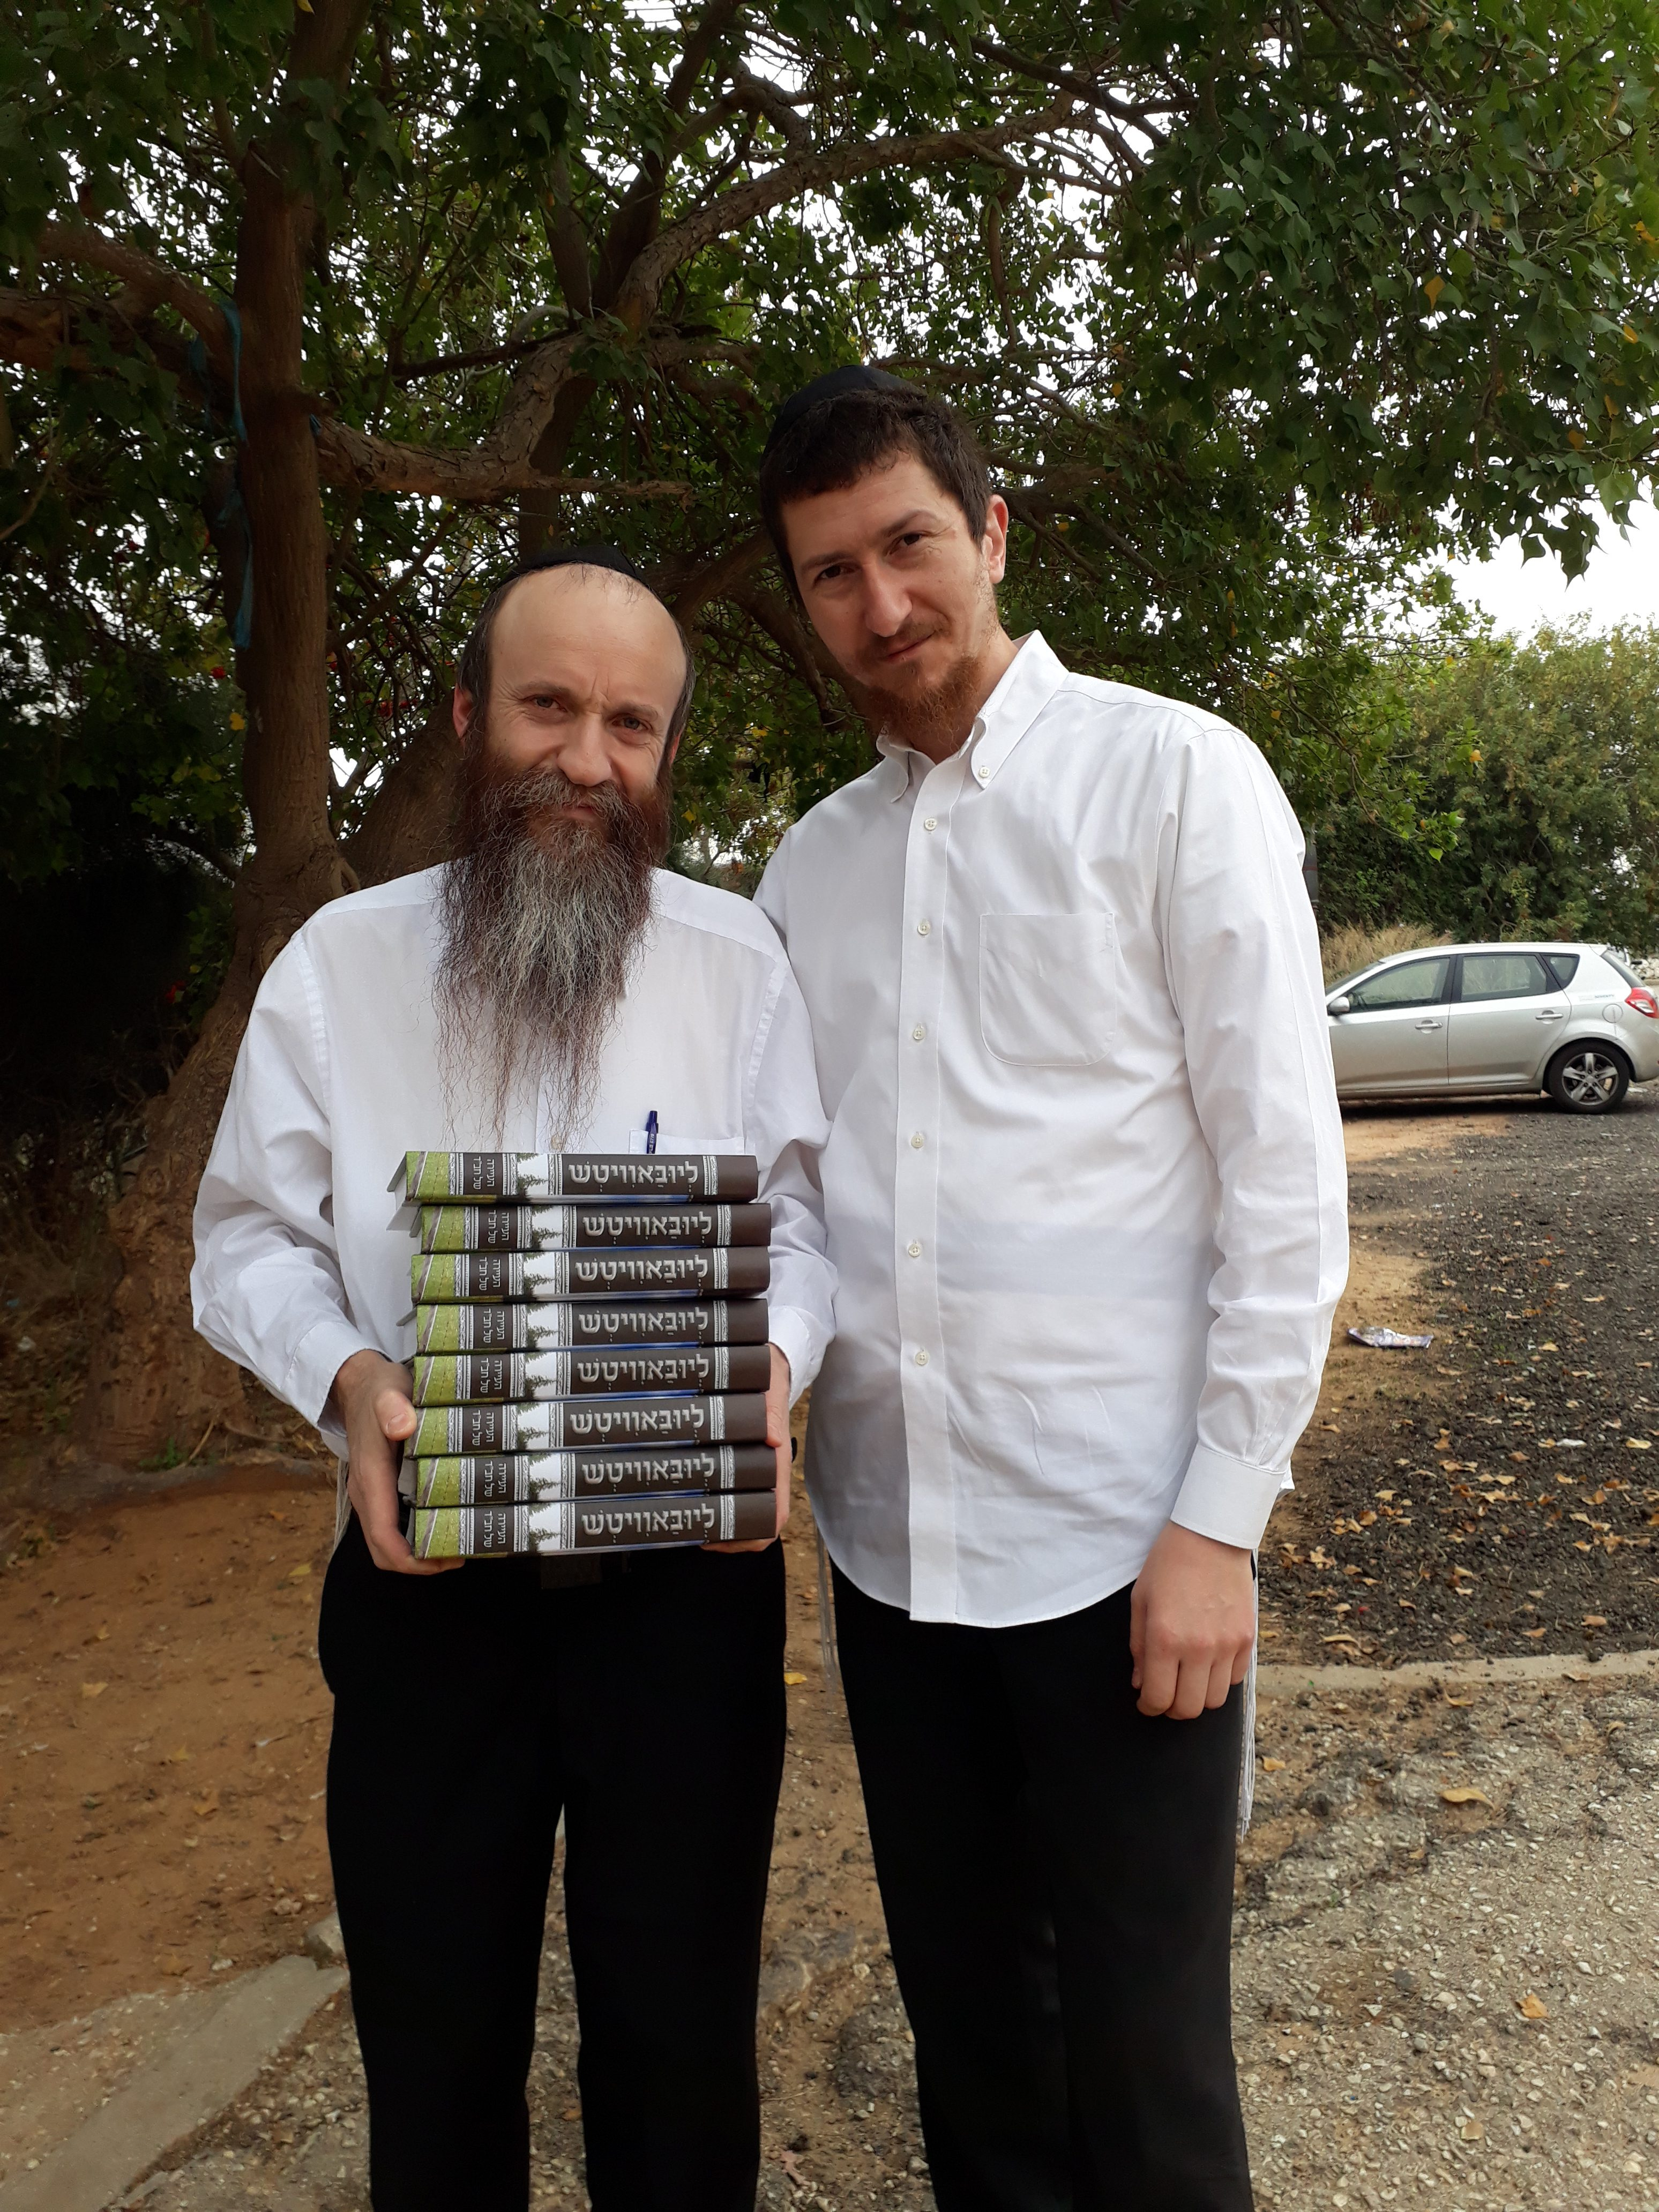 הרב אלישיב, עורך הספר, נושא ערימת ספרים בידו